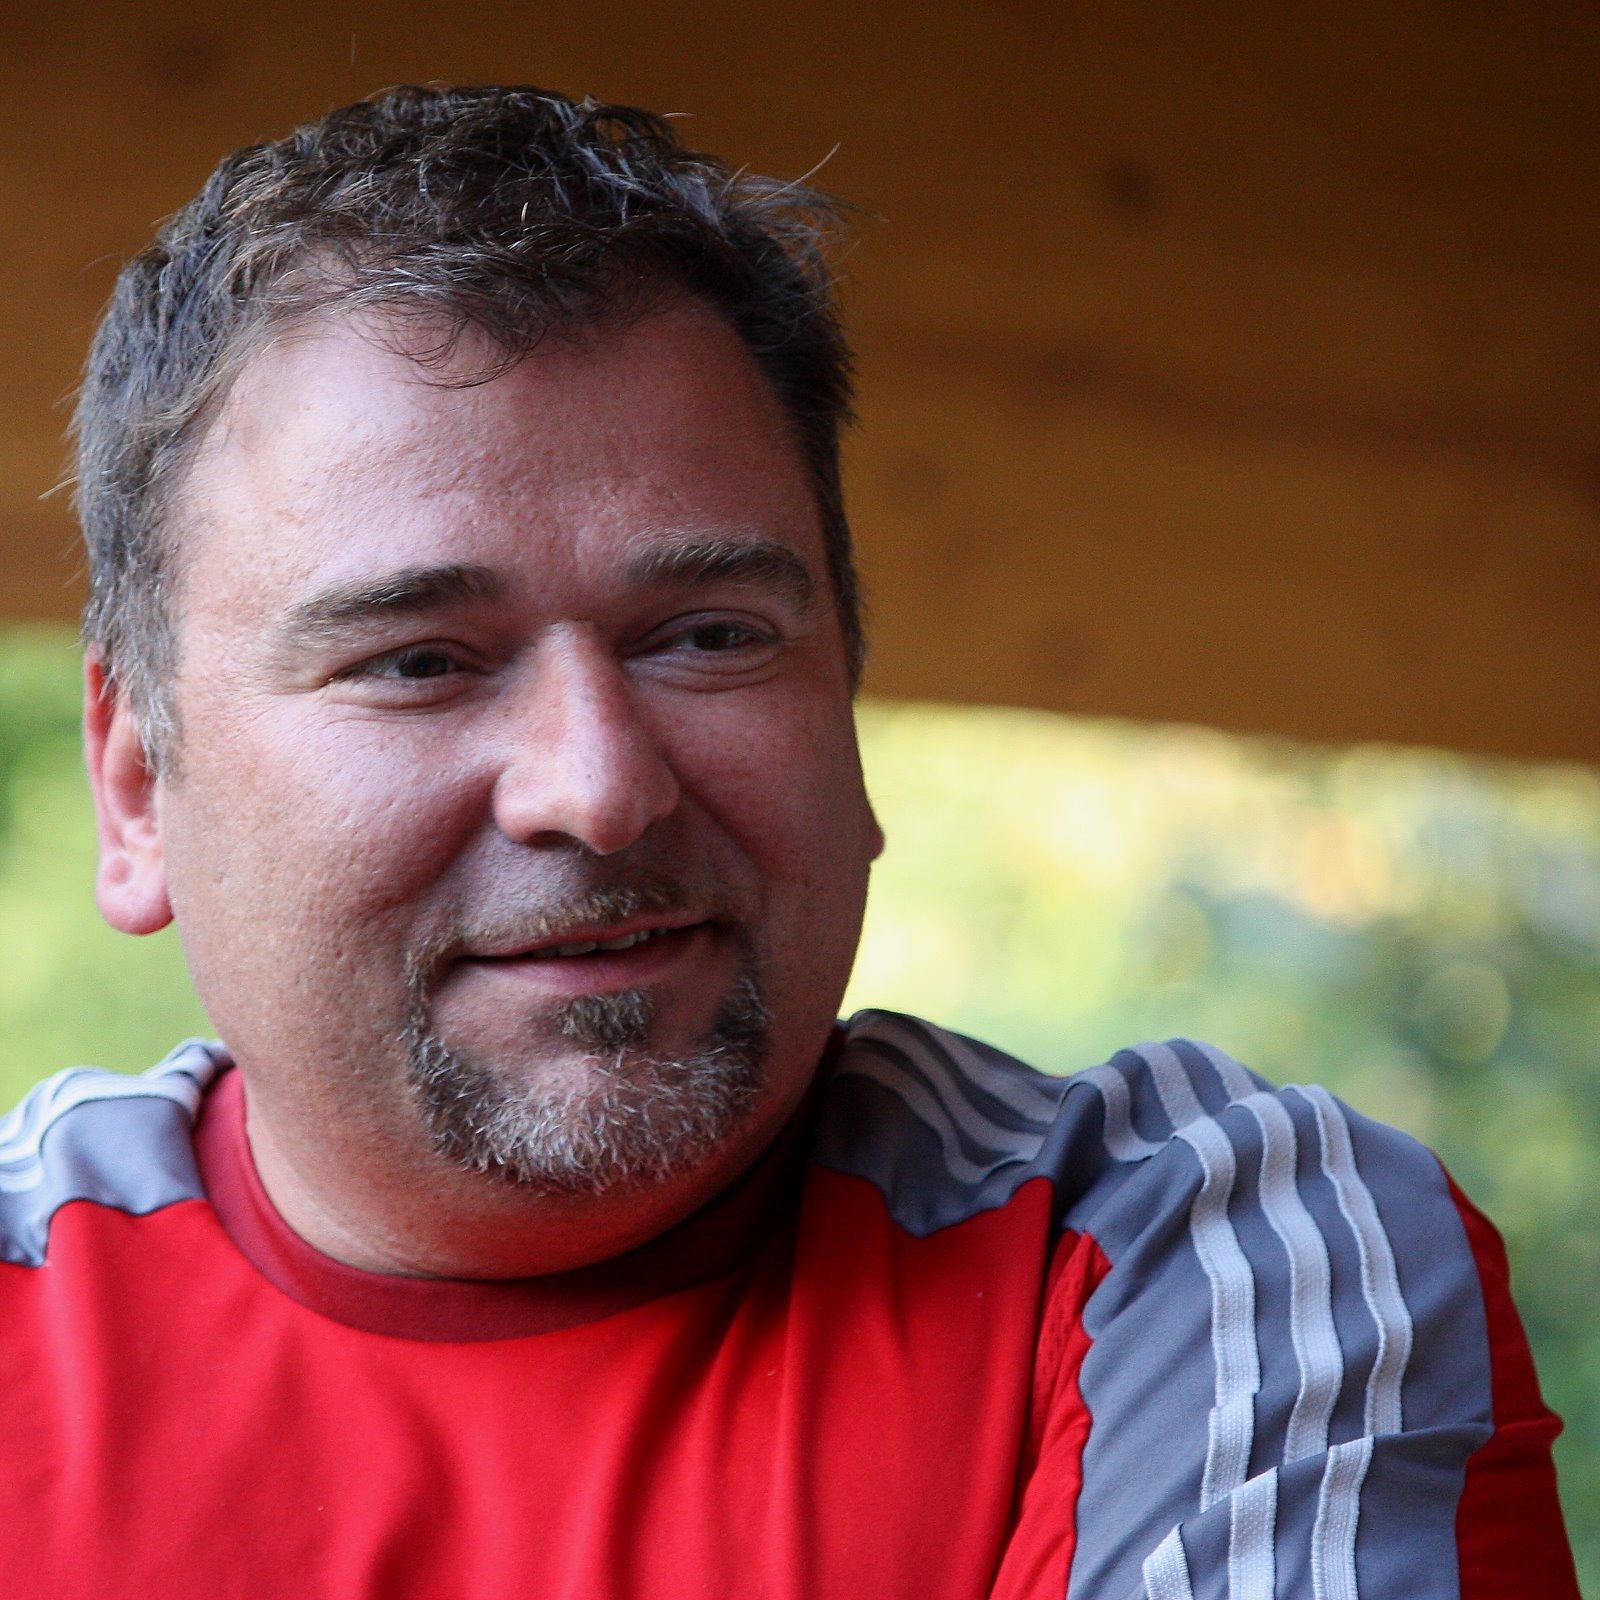 Frank Rinner